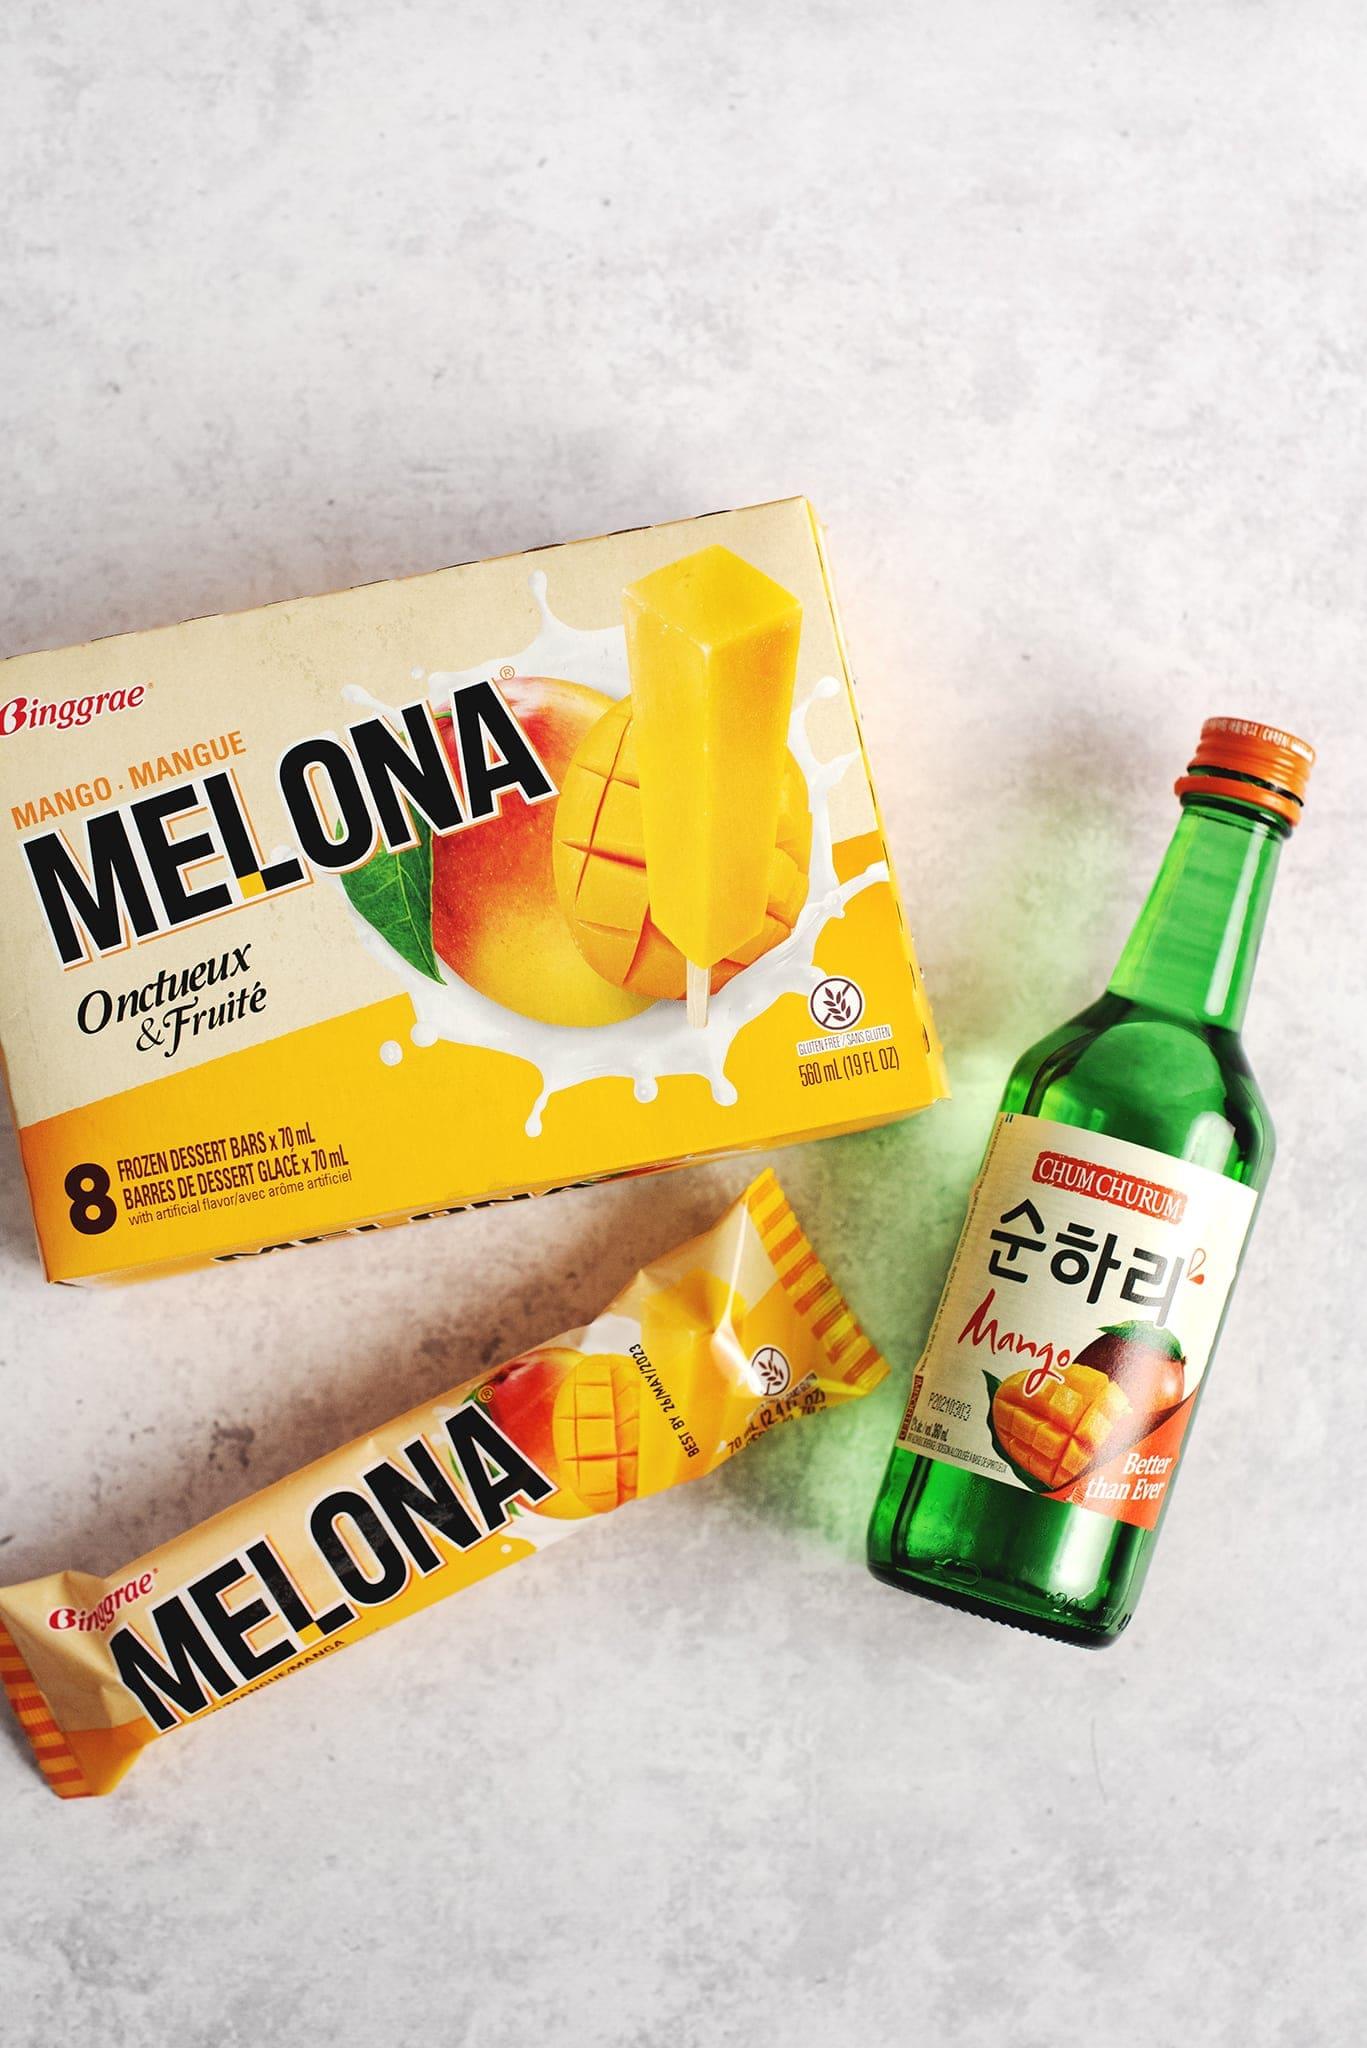 Box of mango melona bars and bottle of apple mango soju